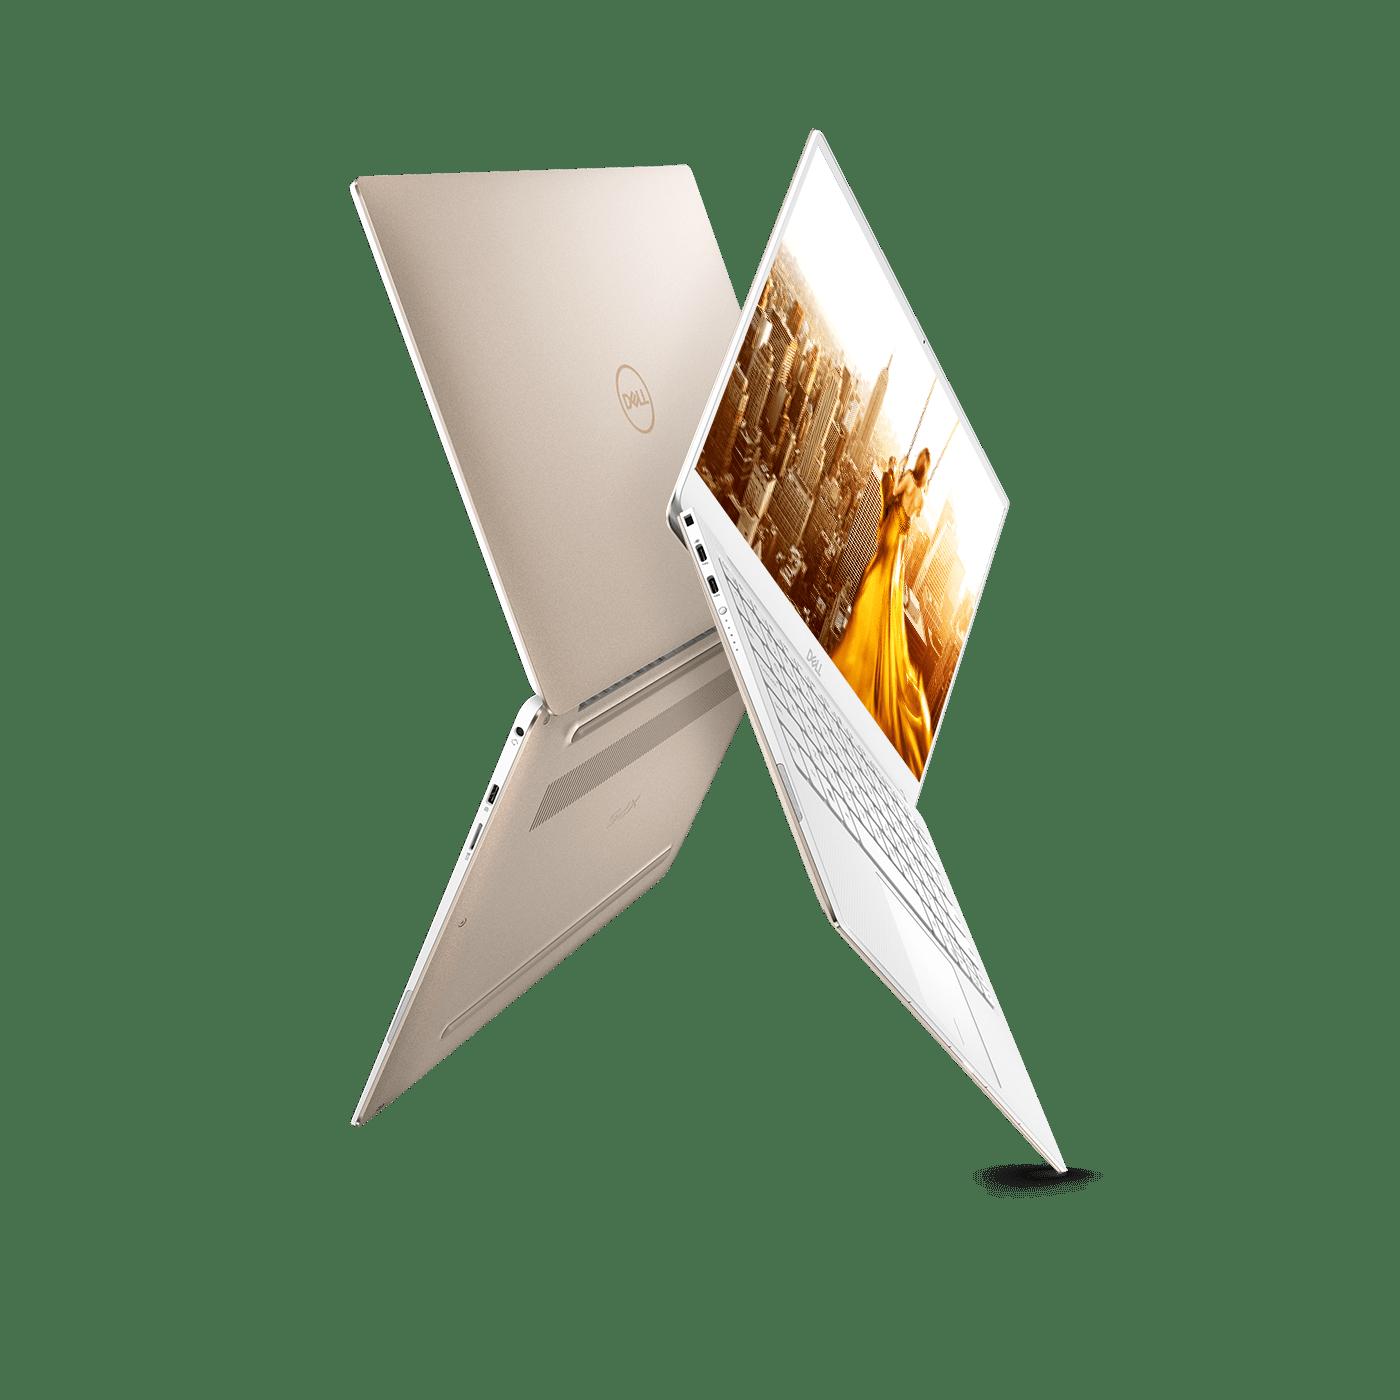 Dell представила ряд новинок на CES 2019